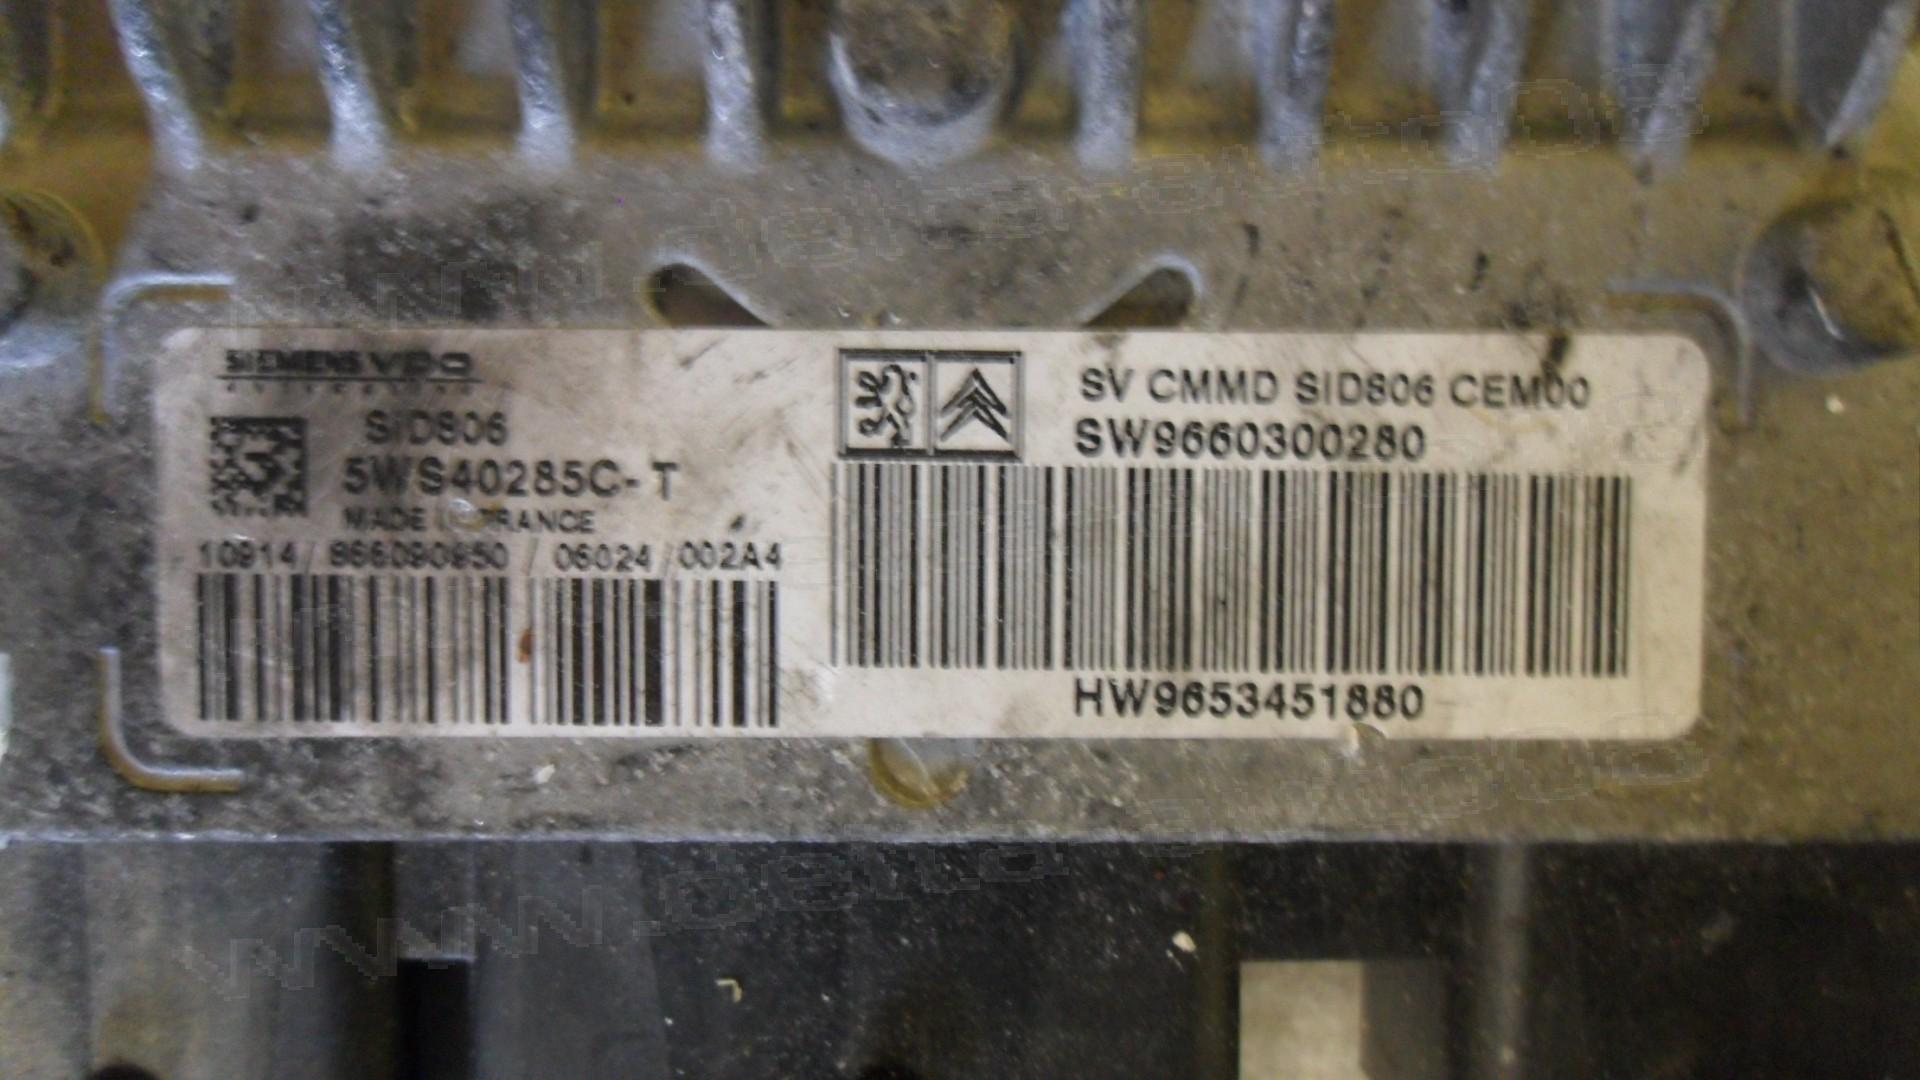 Компютър двигател за Citroen C2, 1.4 HDI, SID806, 5WS40282C-T, 5WS40282CT, SW9660300280, HW9653451880